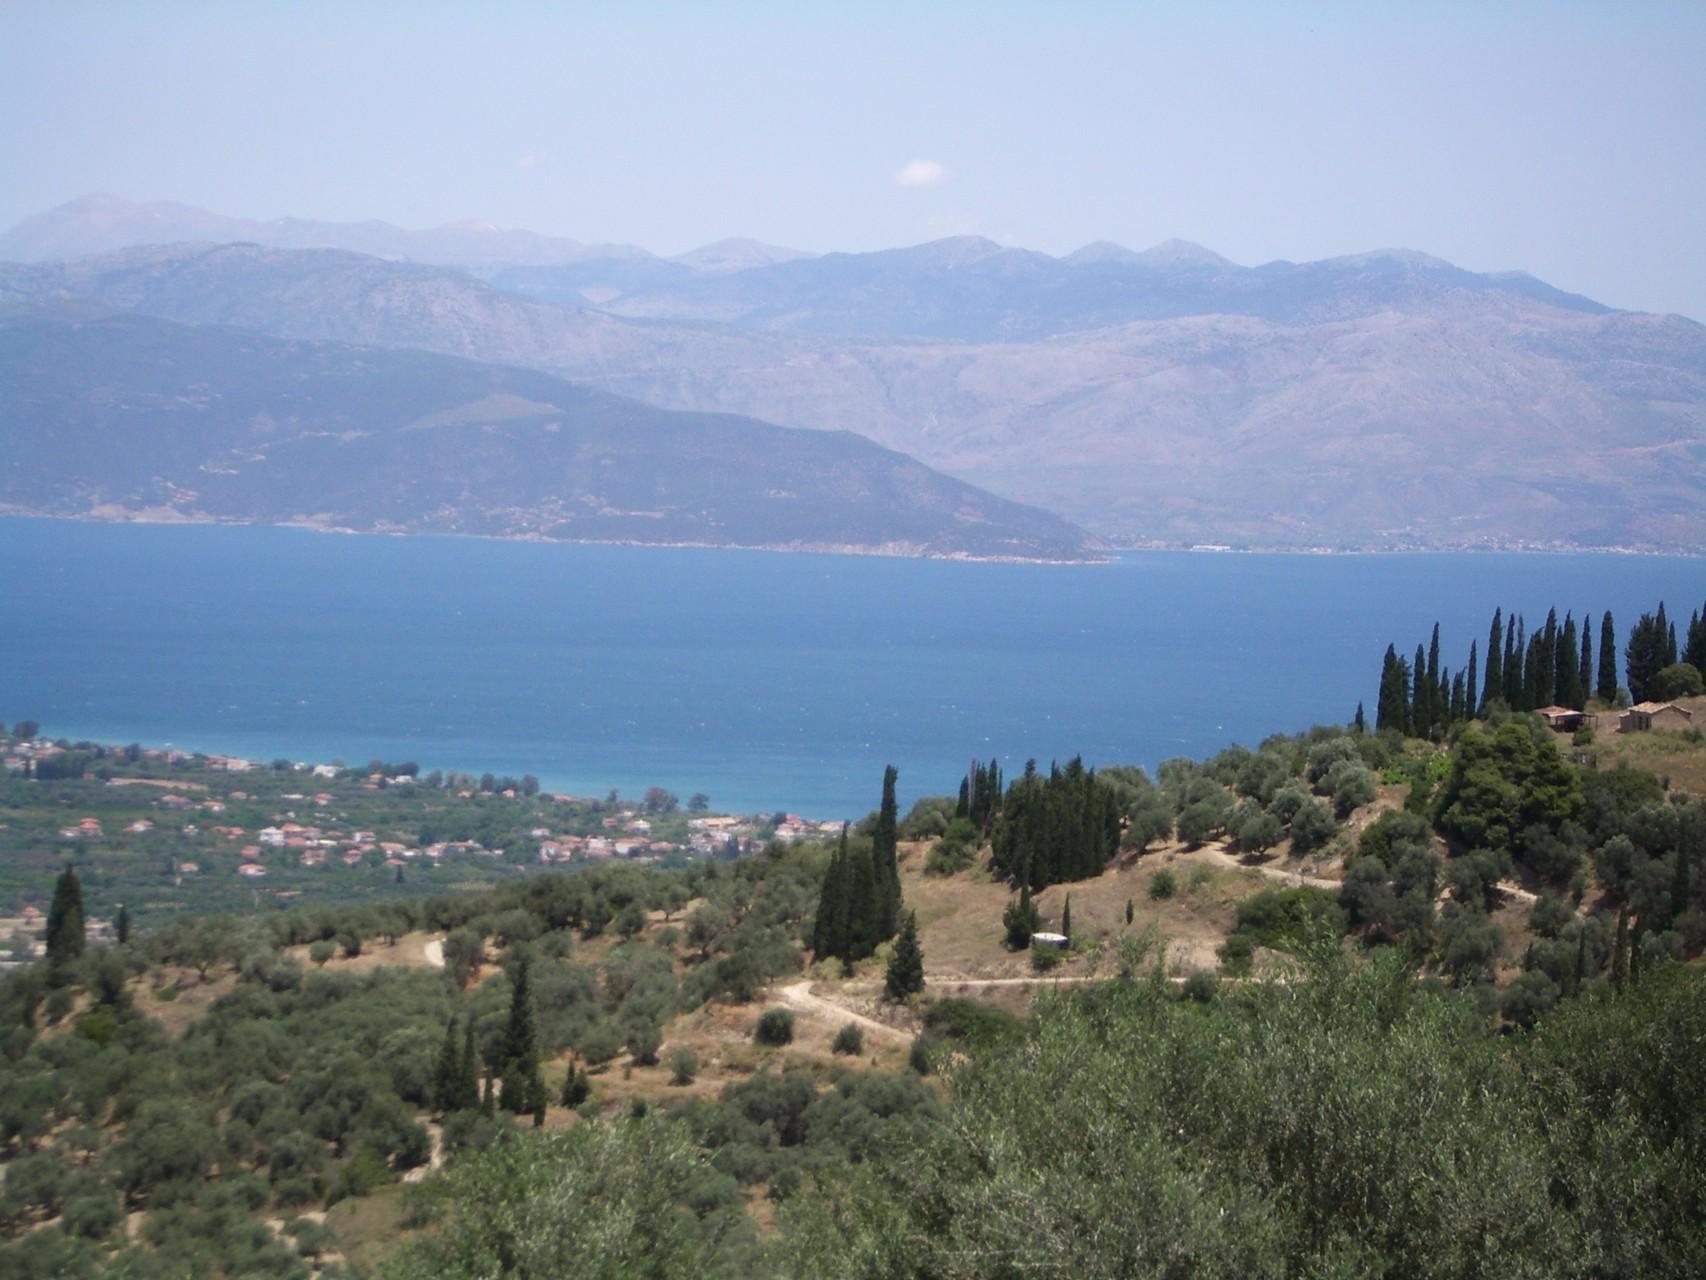 Blick von der Terasse auf Meer und Berge